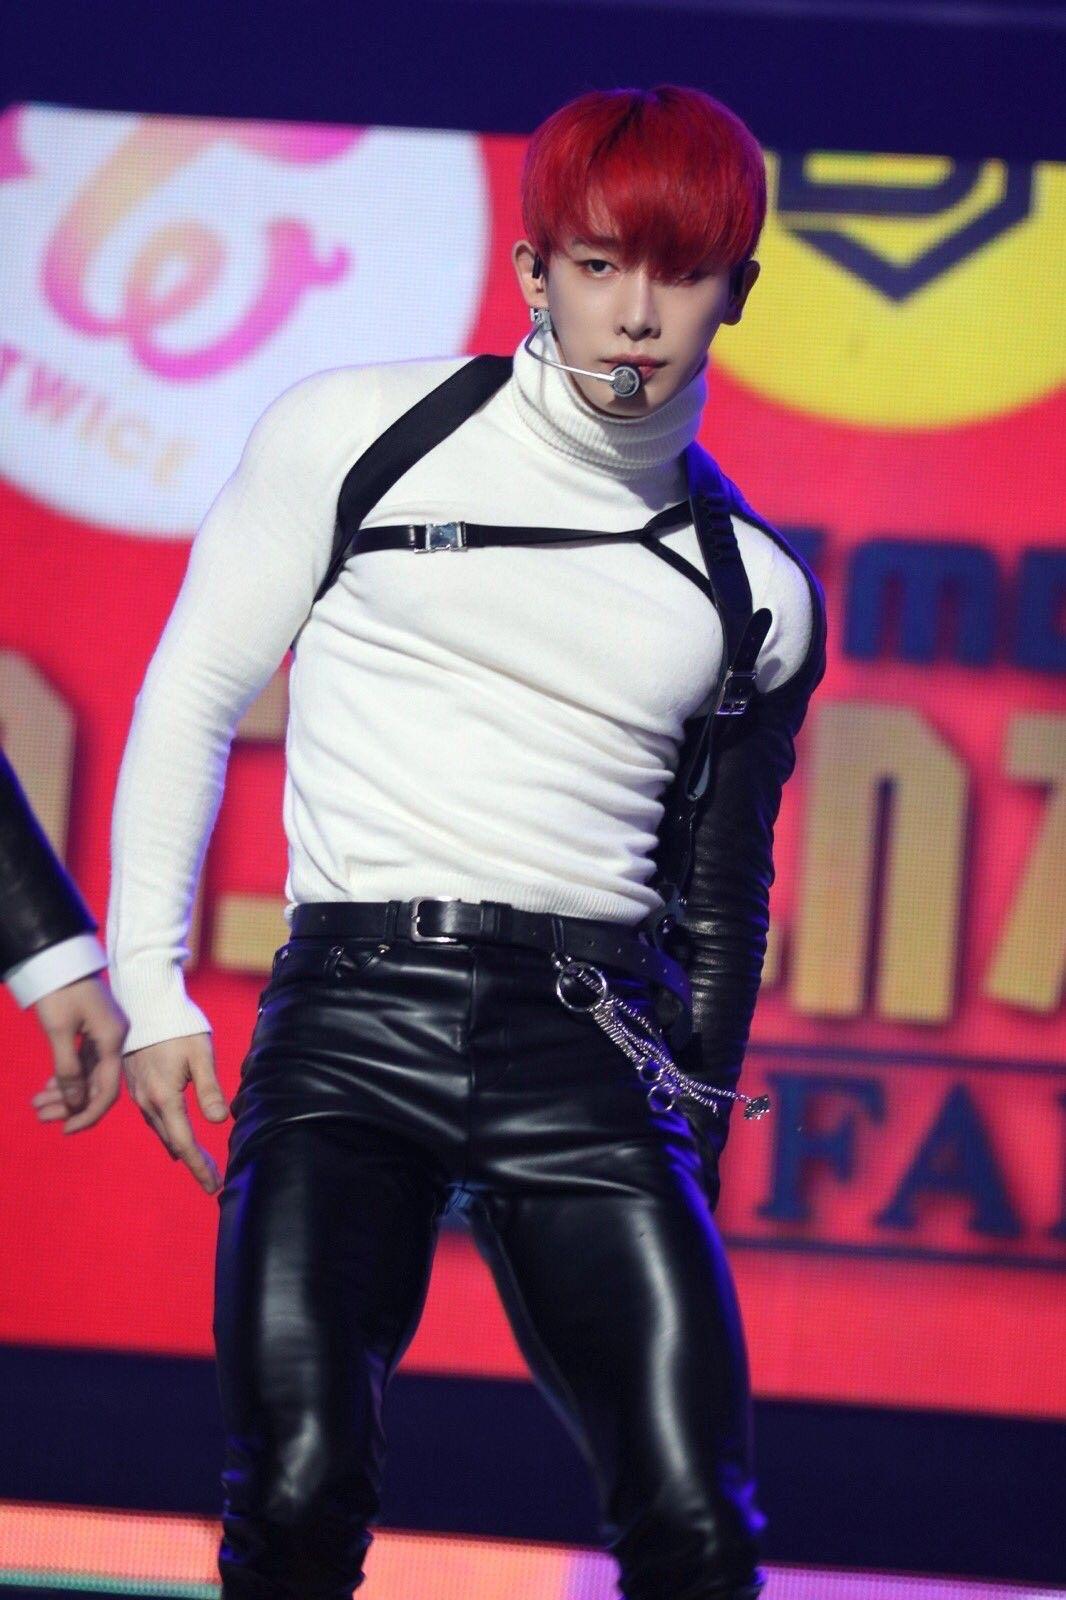 Wonho Leg Goals Monsta X Wonho Monsta X Asian Men